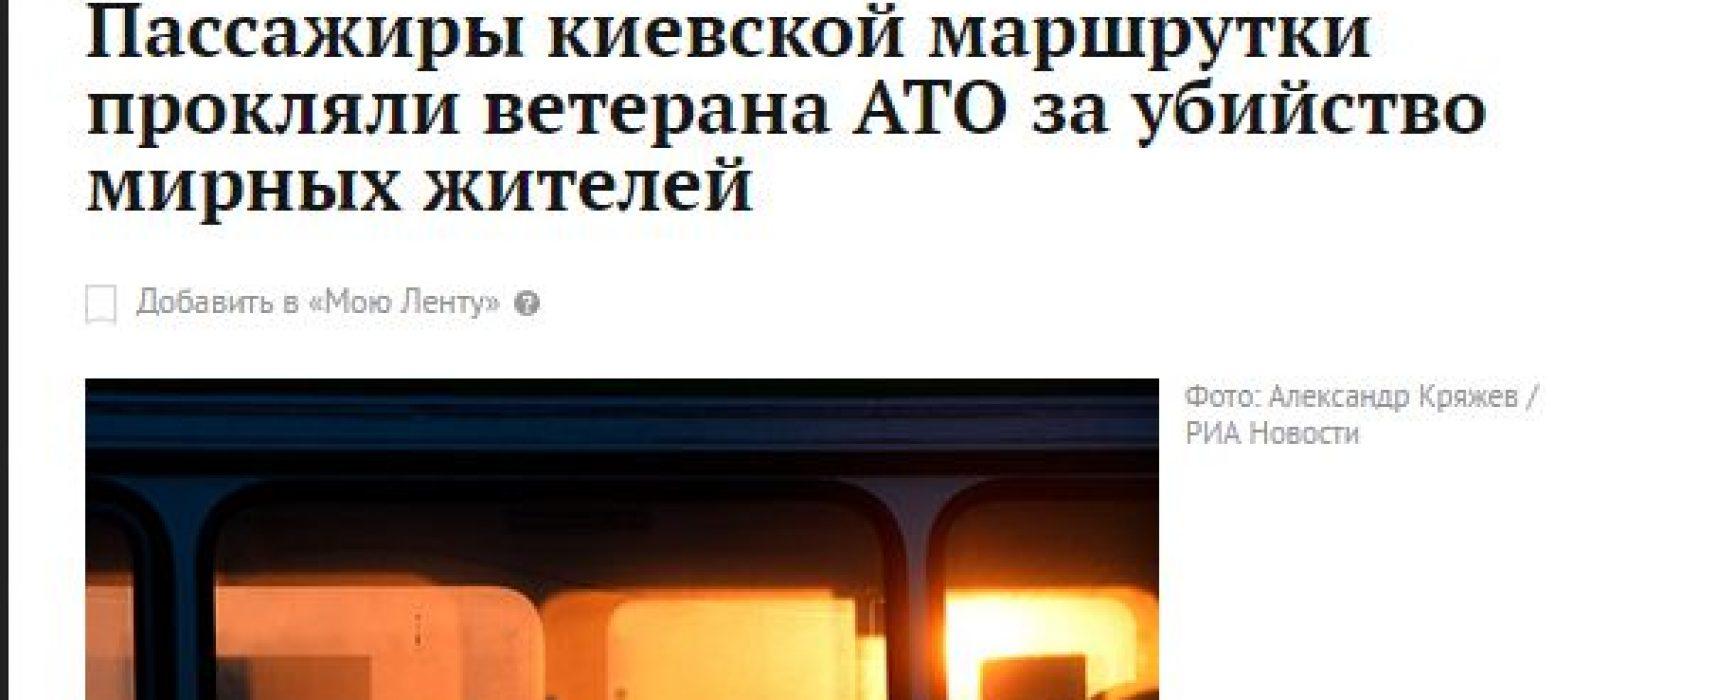 Фейк: Пассажиры киевской маршрутки прокляли ветерана АТО за убийство мирных жителей